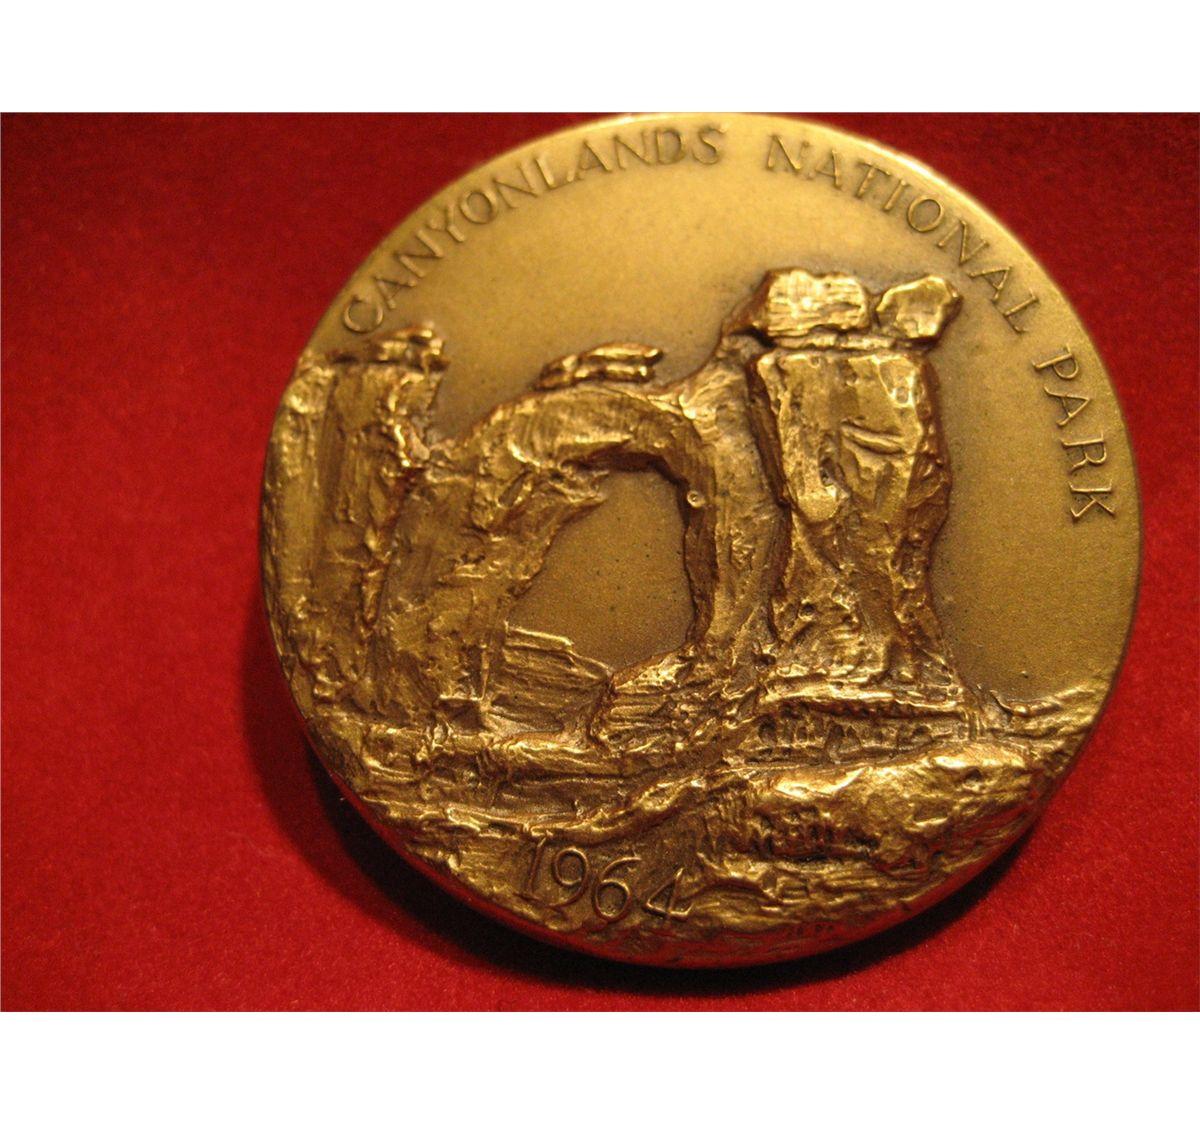 1872 national parks centennial 1972 coin